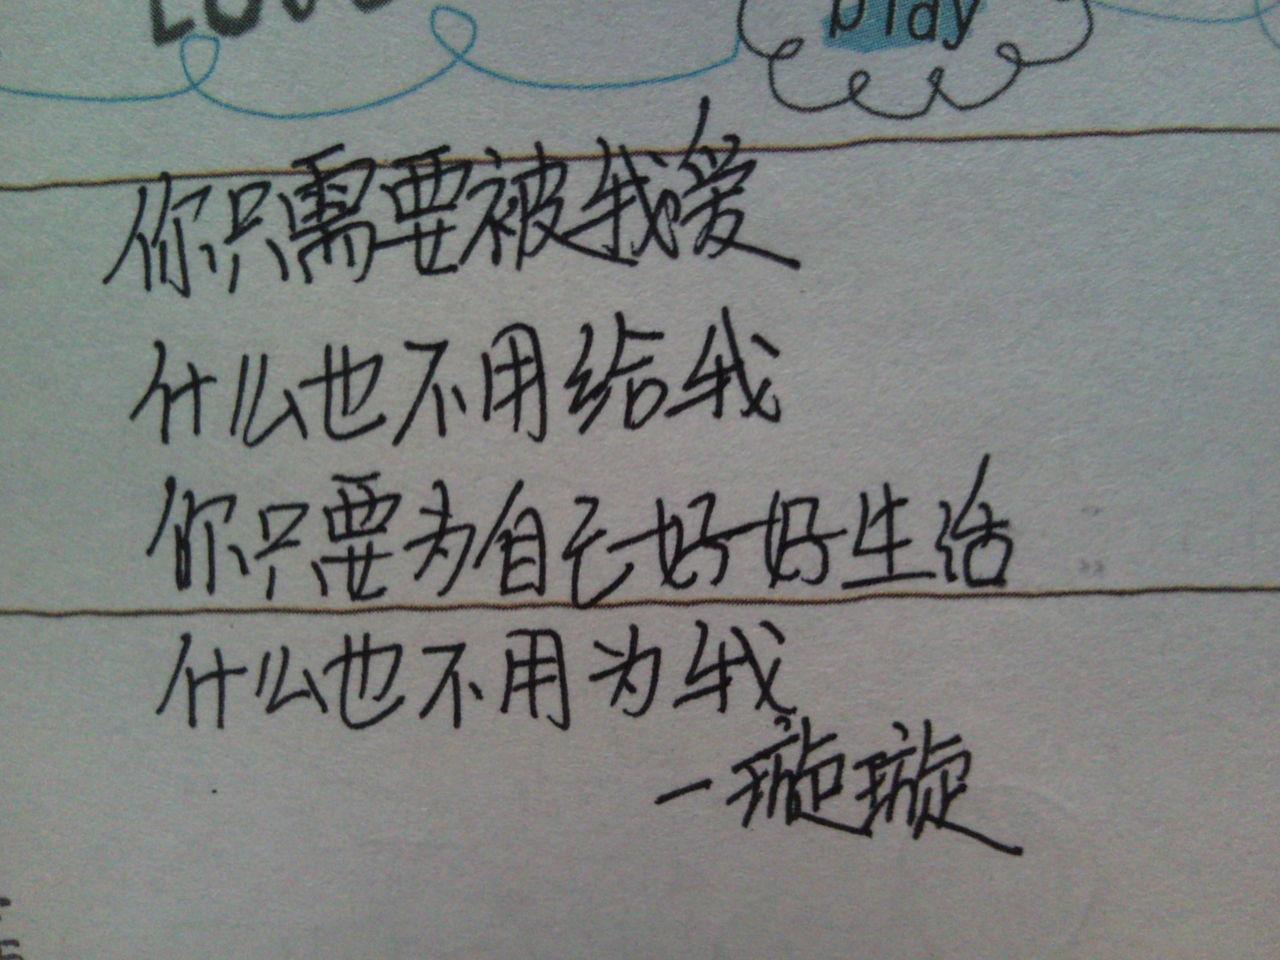 手写 钢笔 字体 手写 钢笔 字体 下载 手写 钢笔 字体